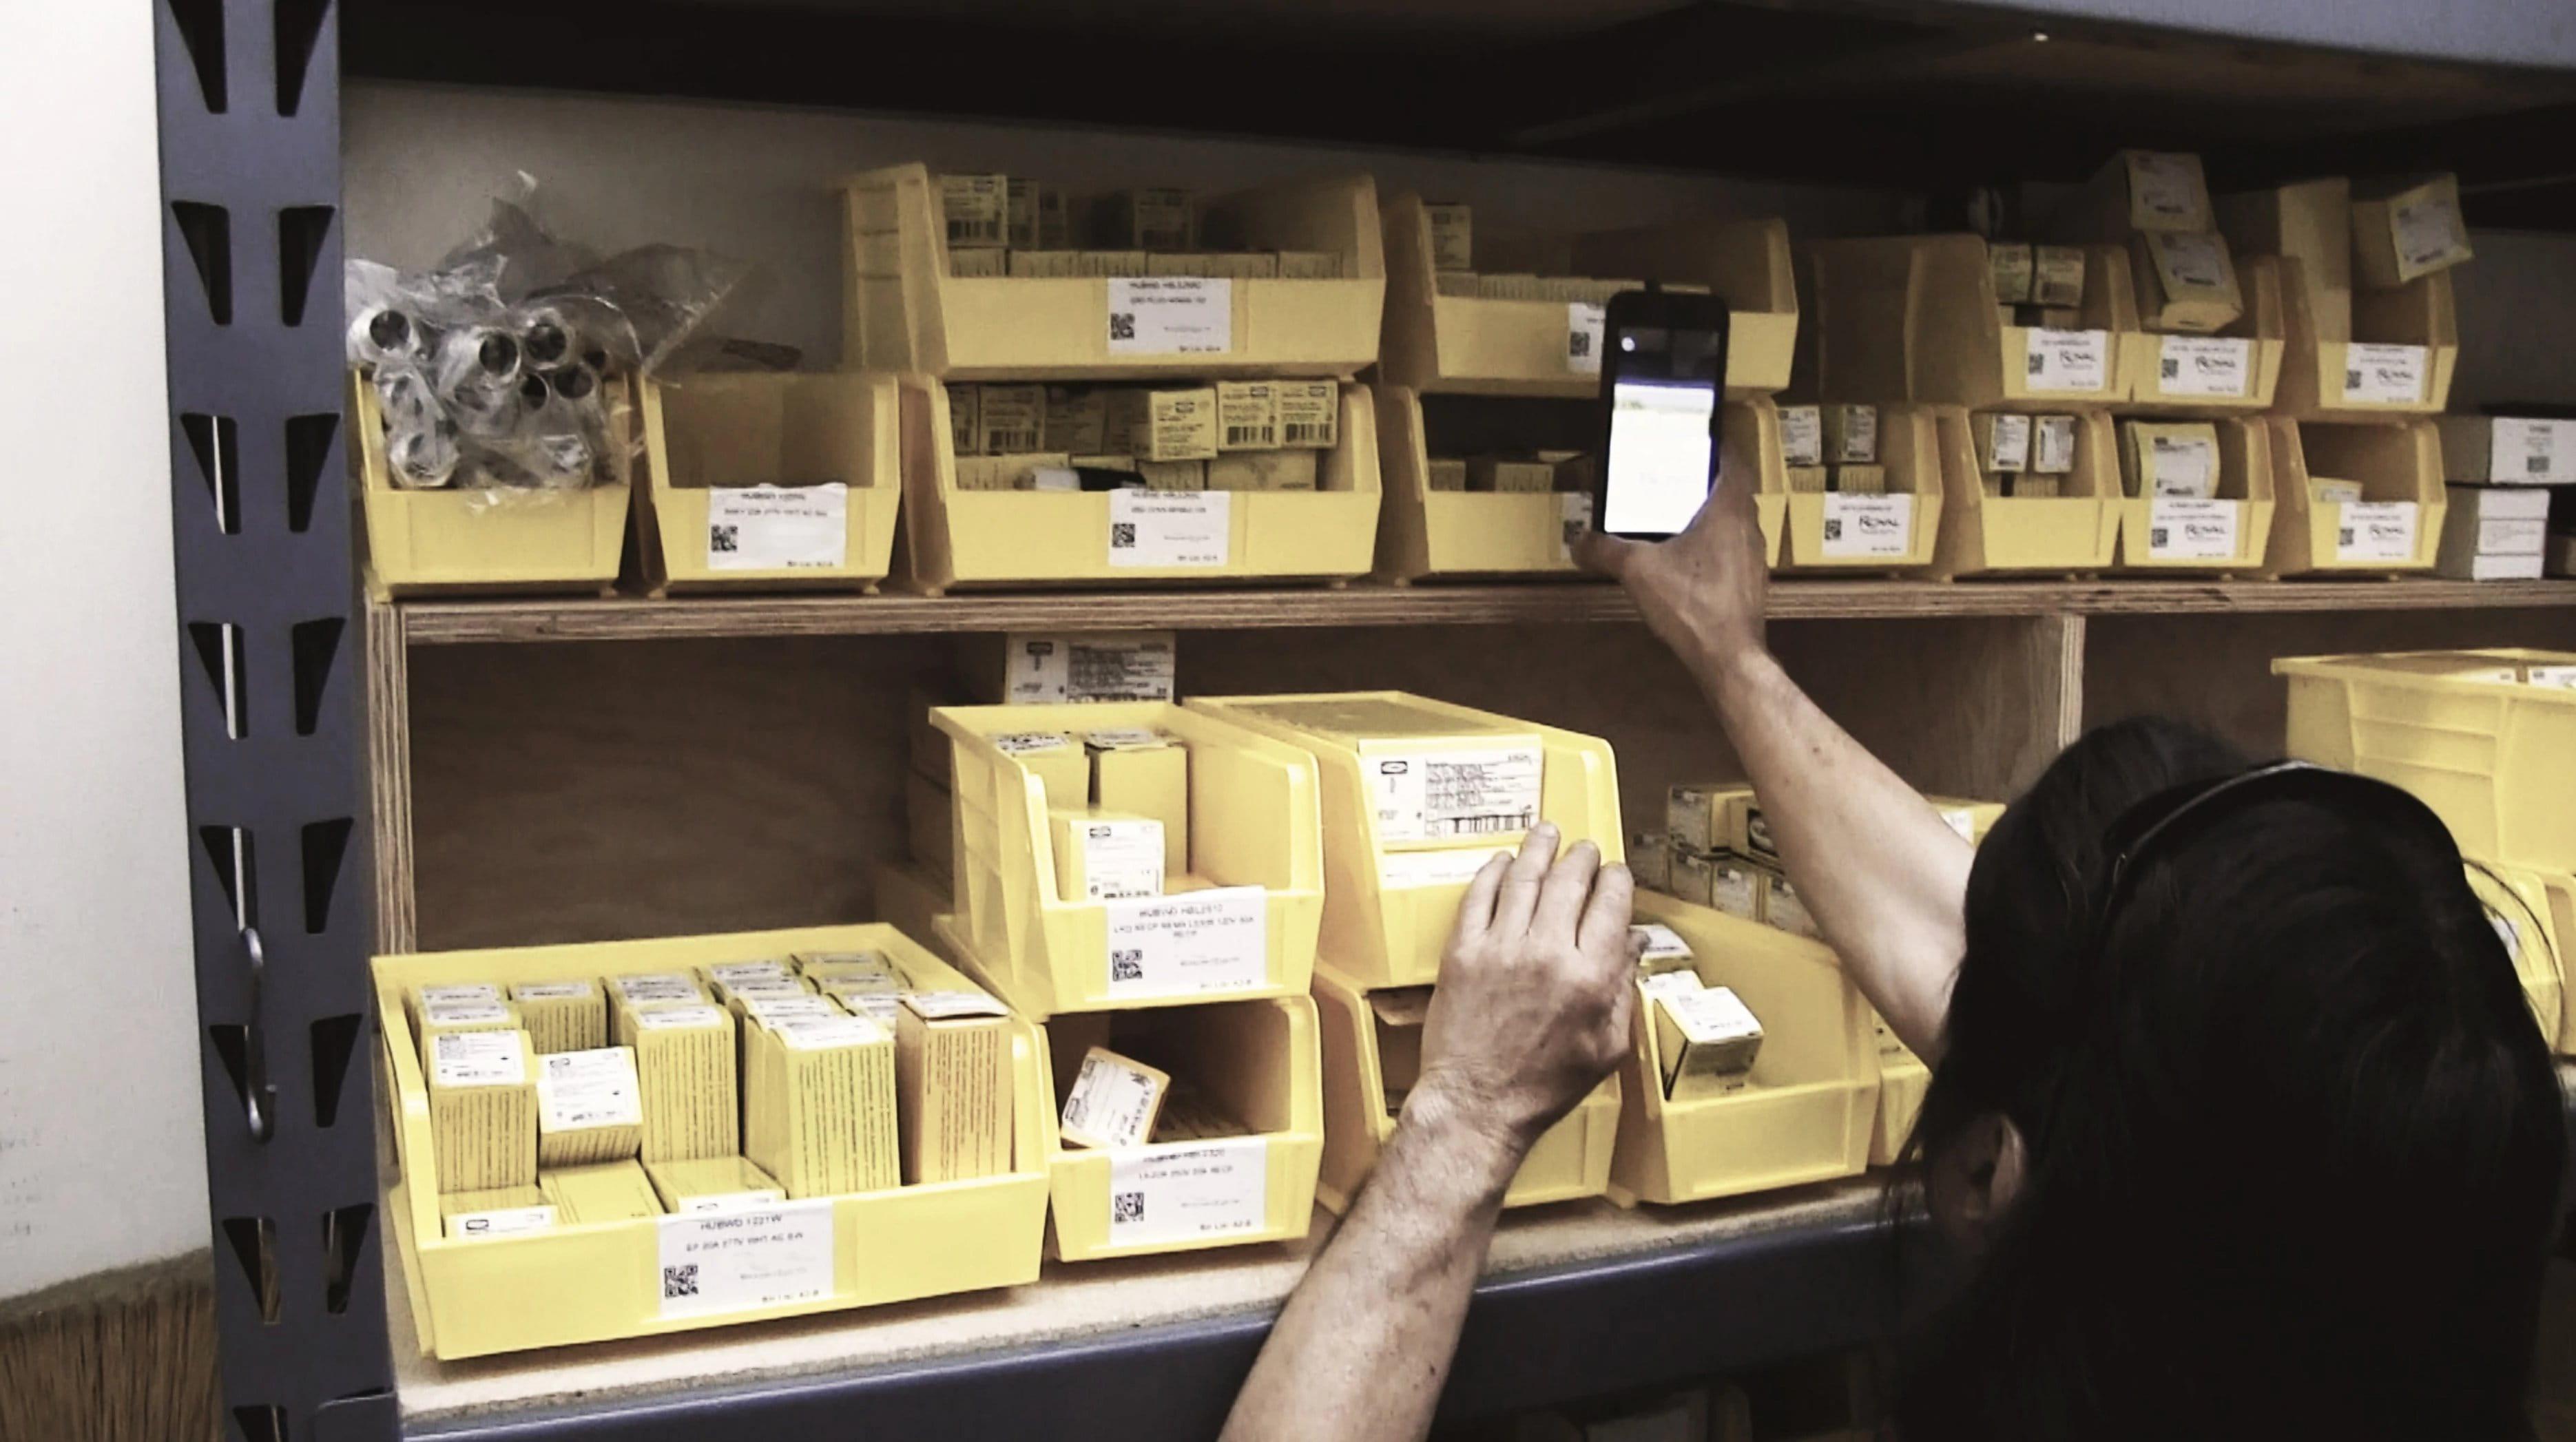 Asset Management Storeroom scanning